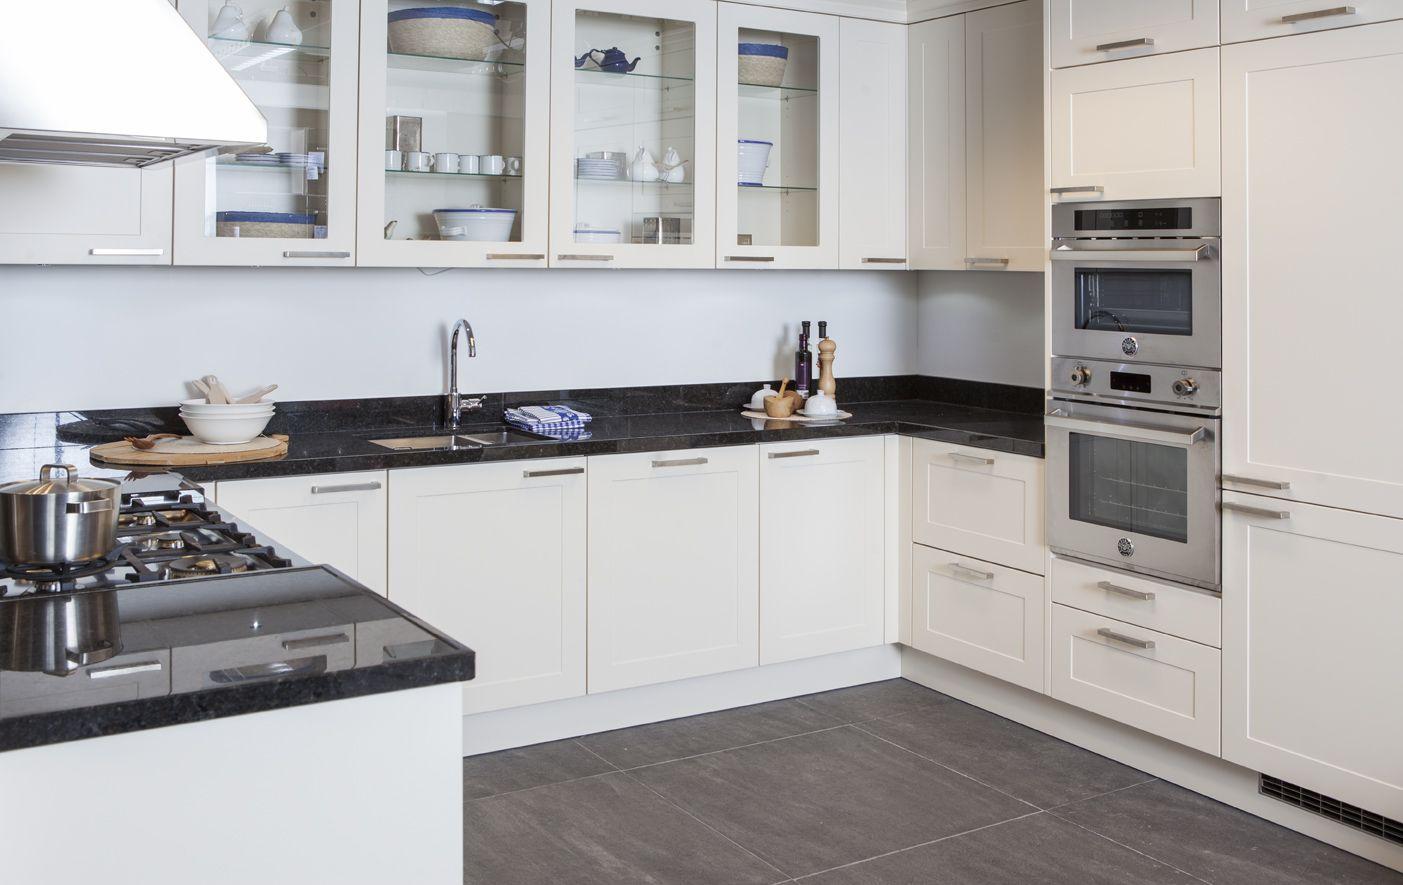 ... keukens voor zeer lage keuken prijzen  zeer Complete U-keuken [48773